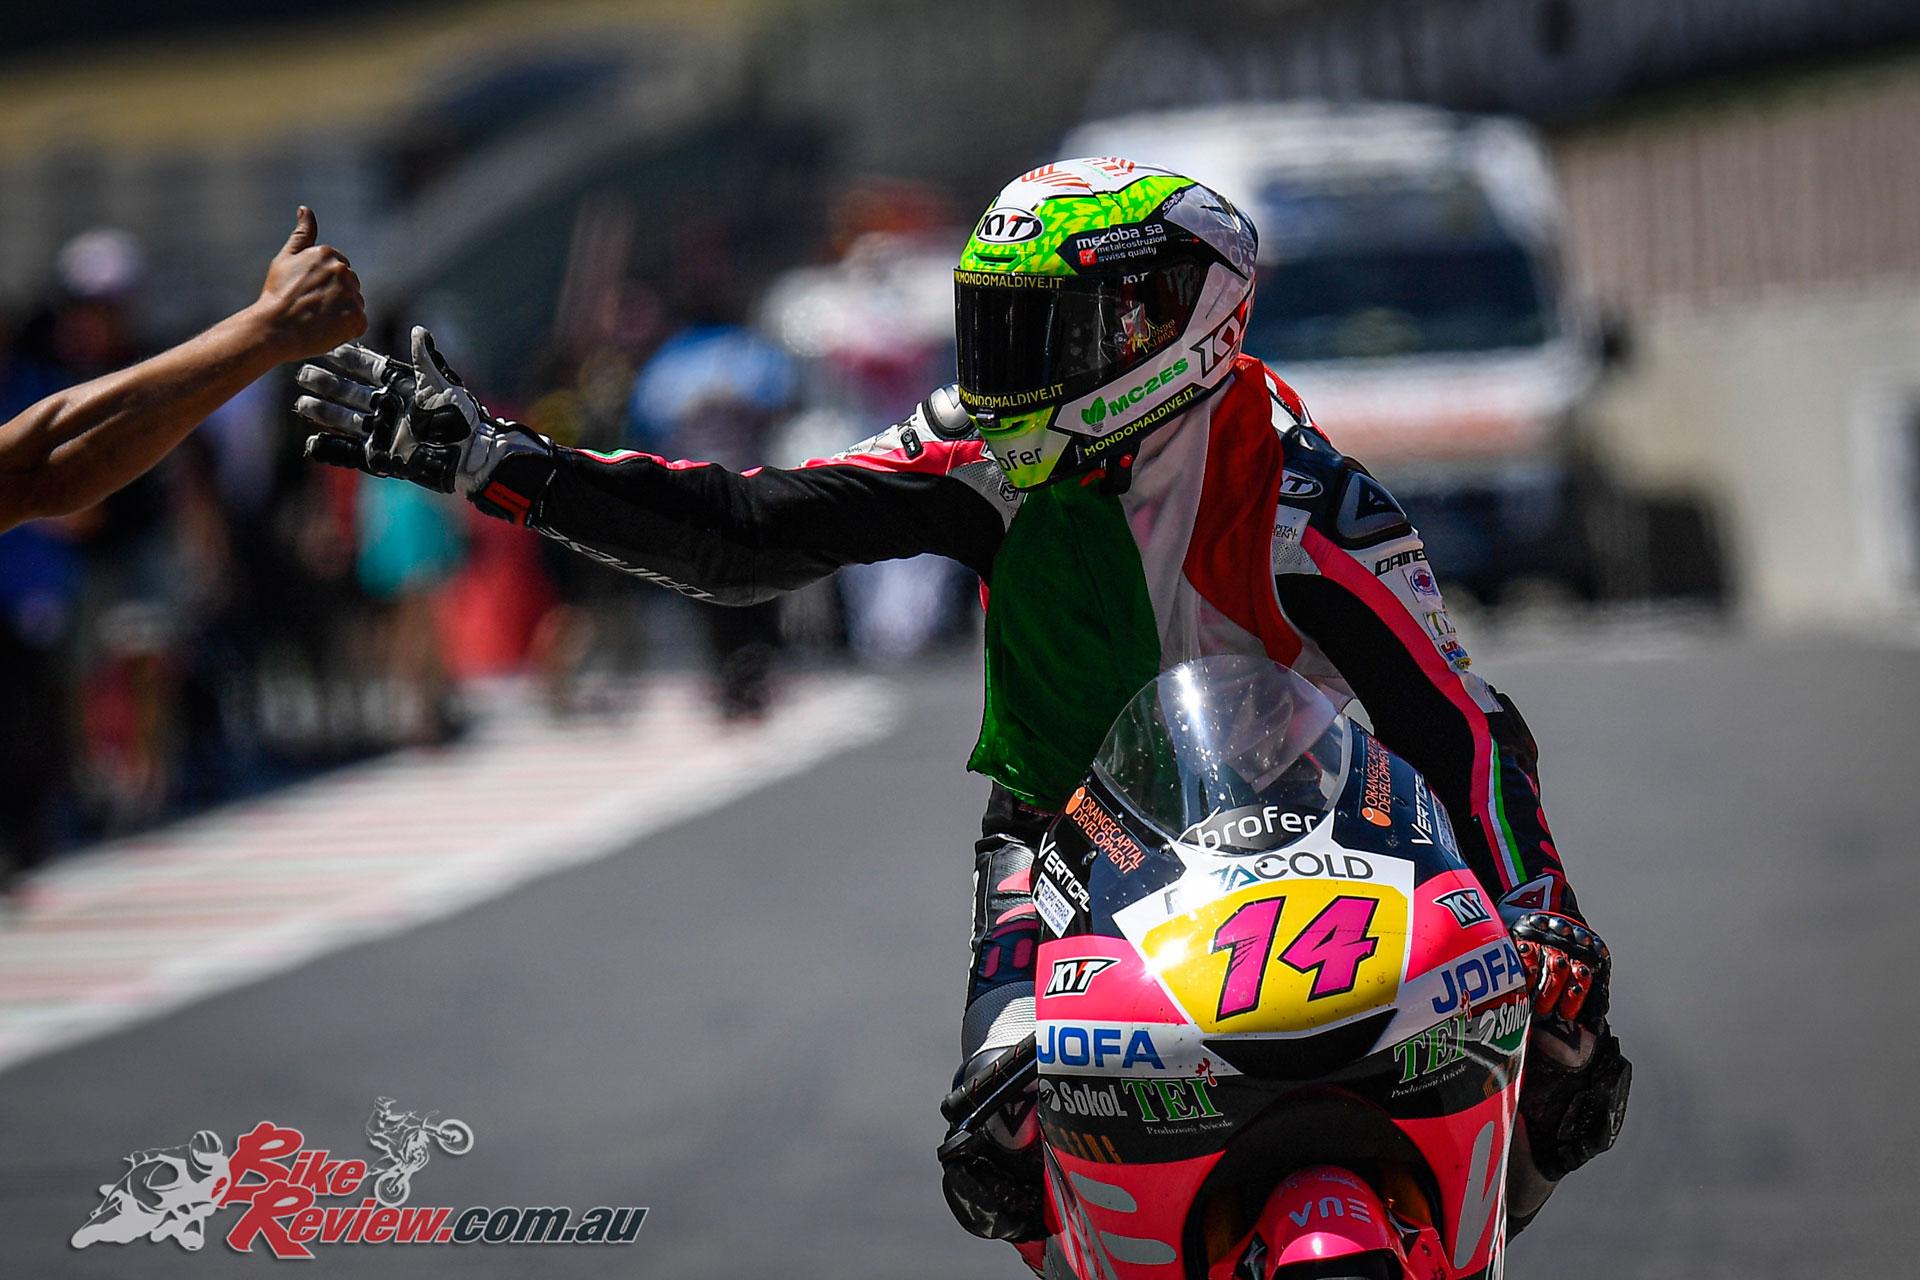 Tony Arbolino - 2019 MotoGP Round 6 Mugello